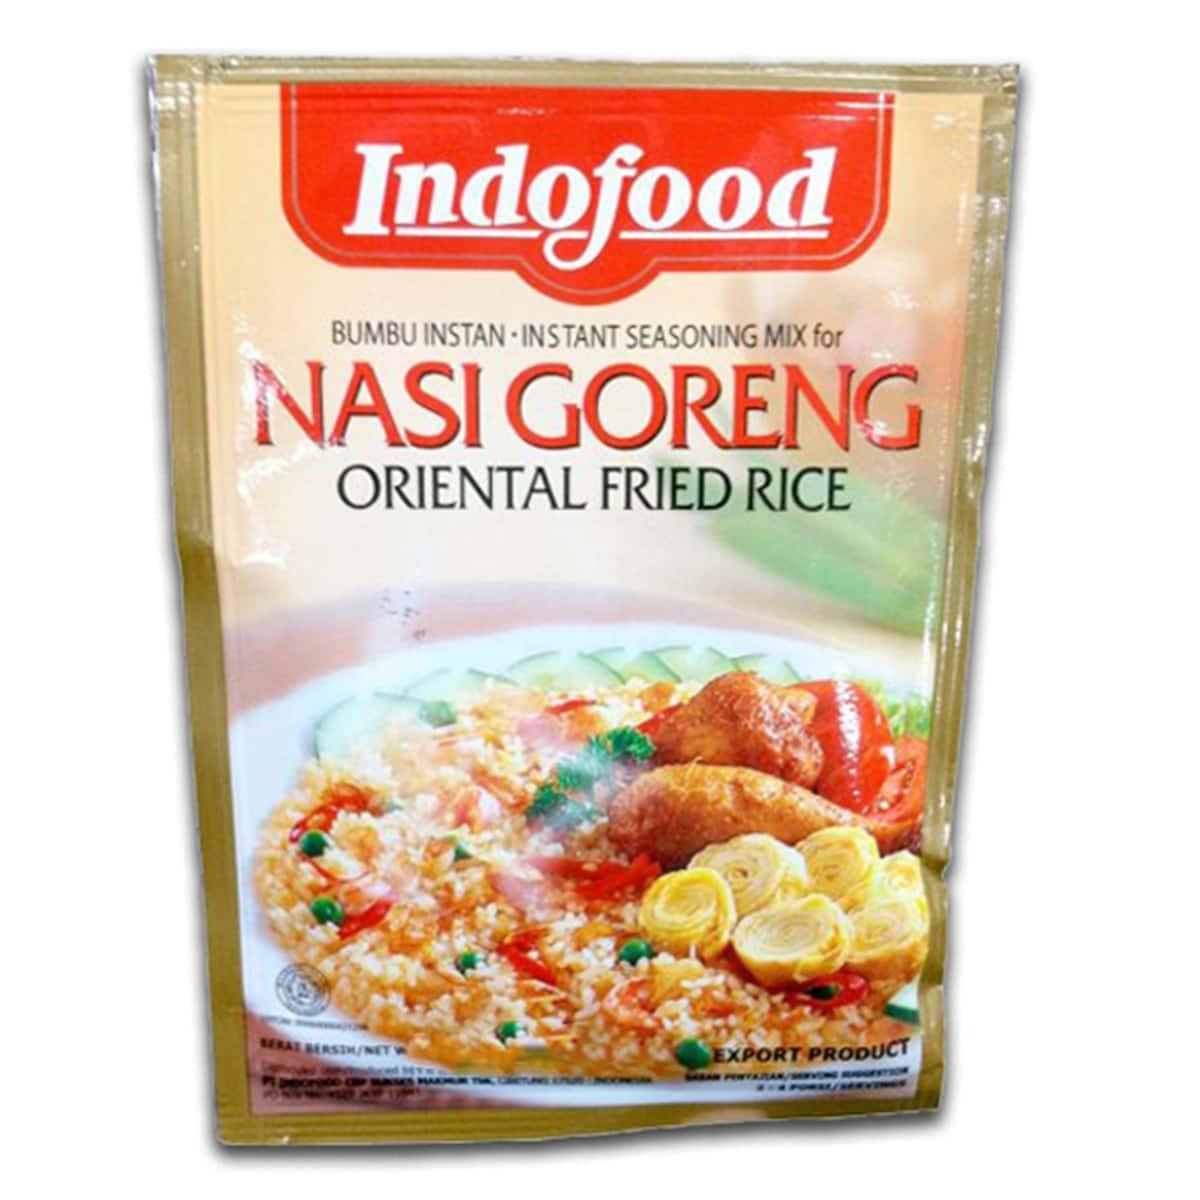 Buy Indofood Nasi Goreng (Oriental Fried Rice) - 45 gm